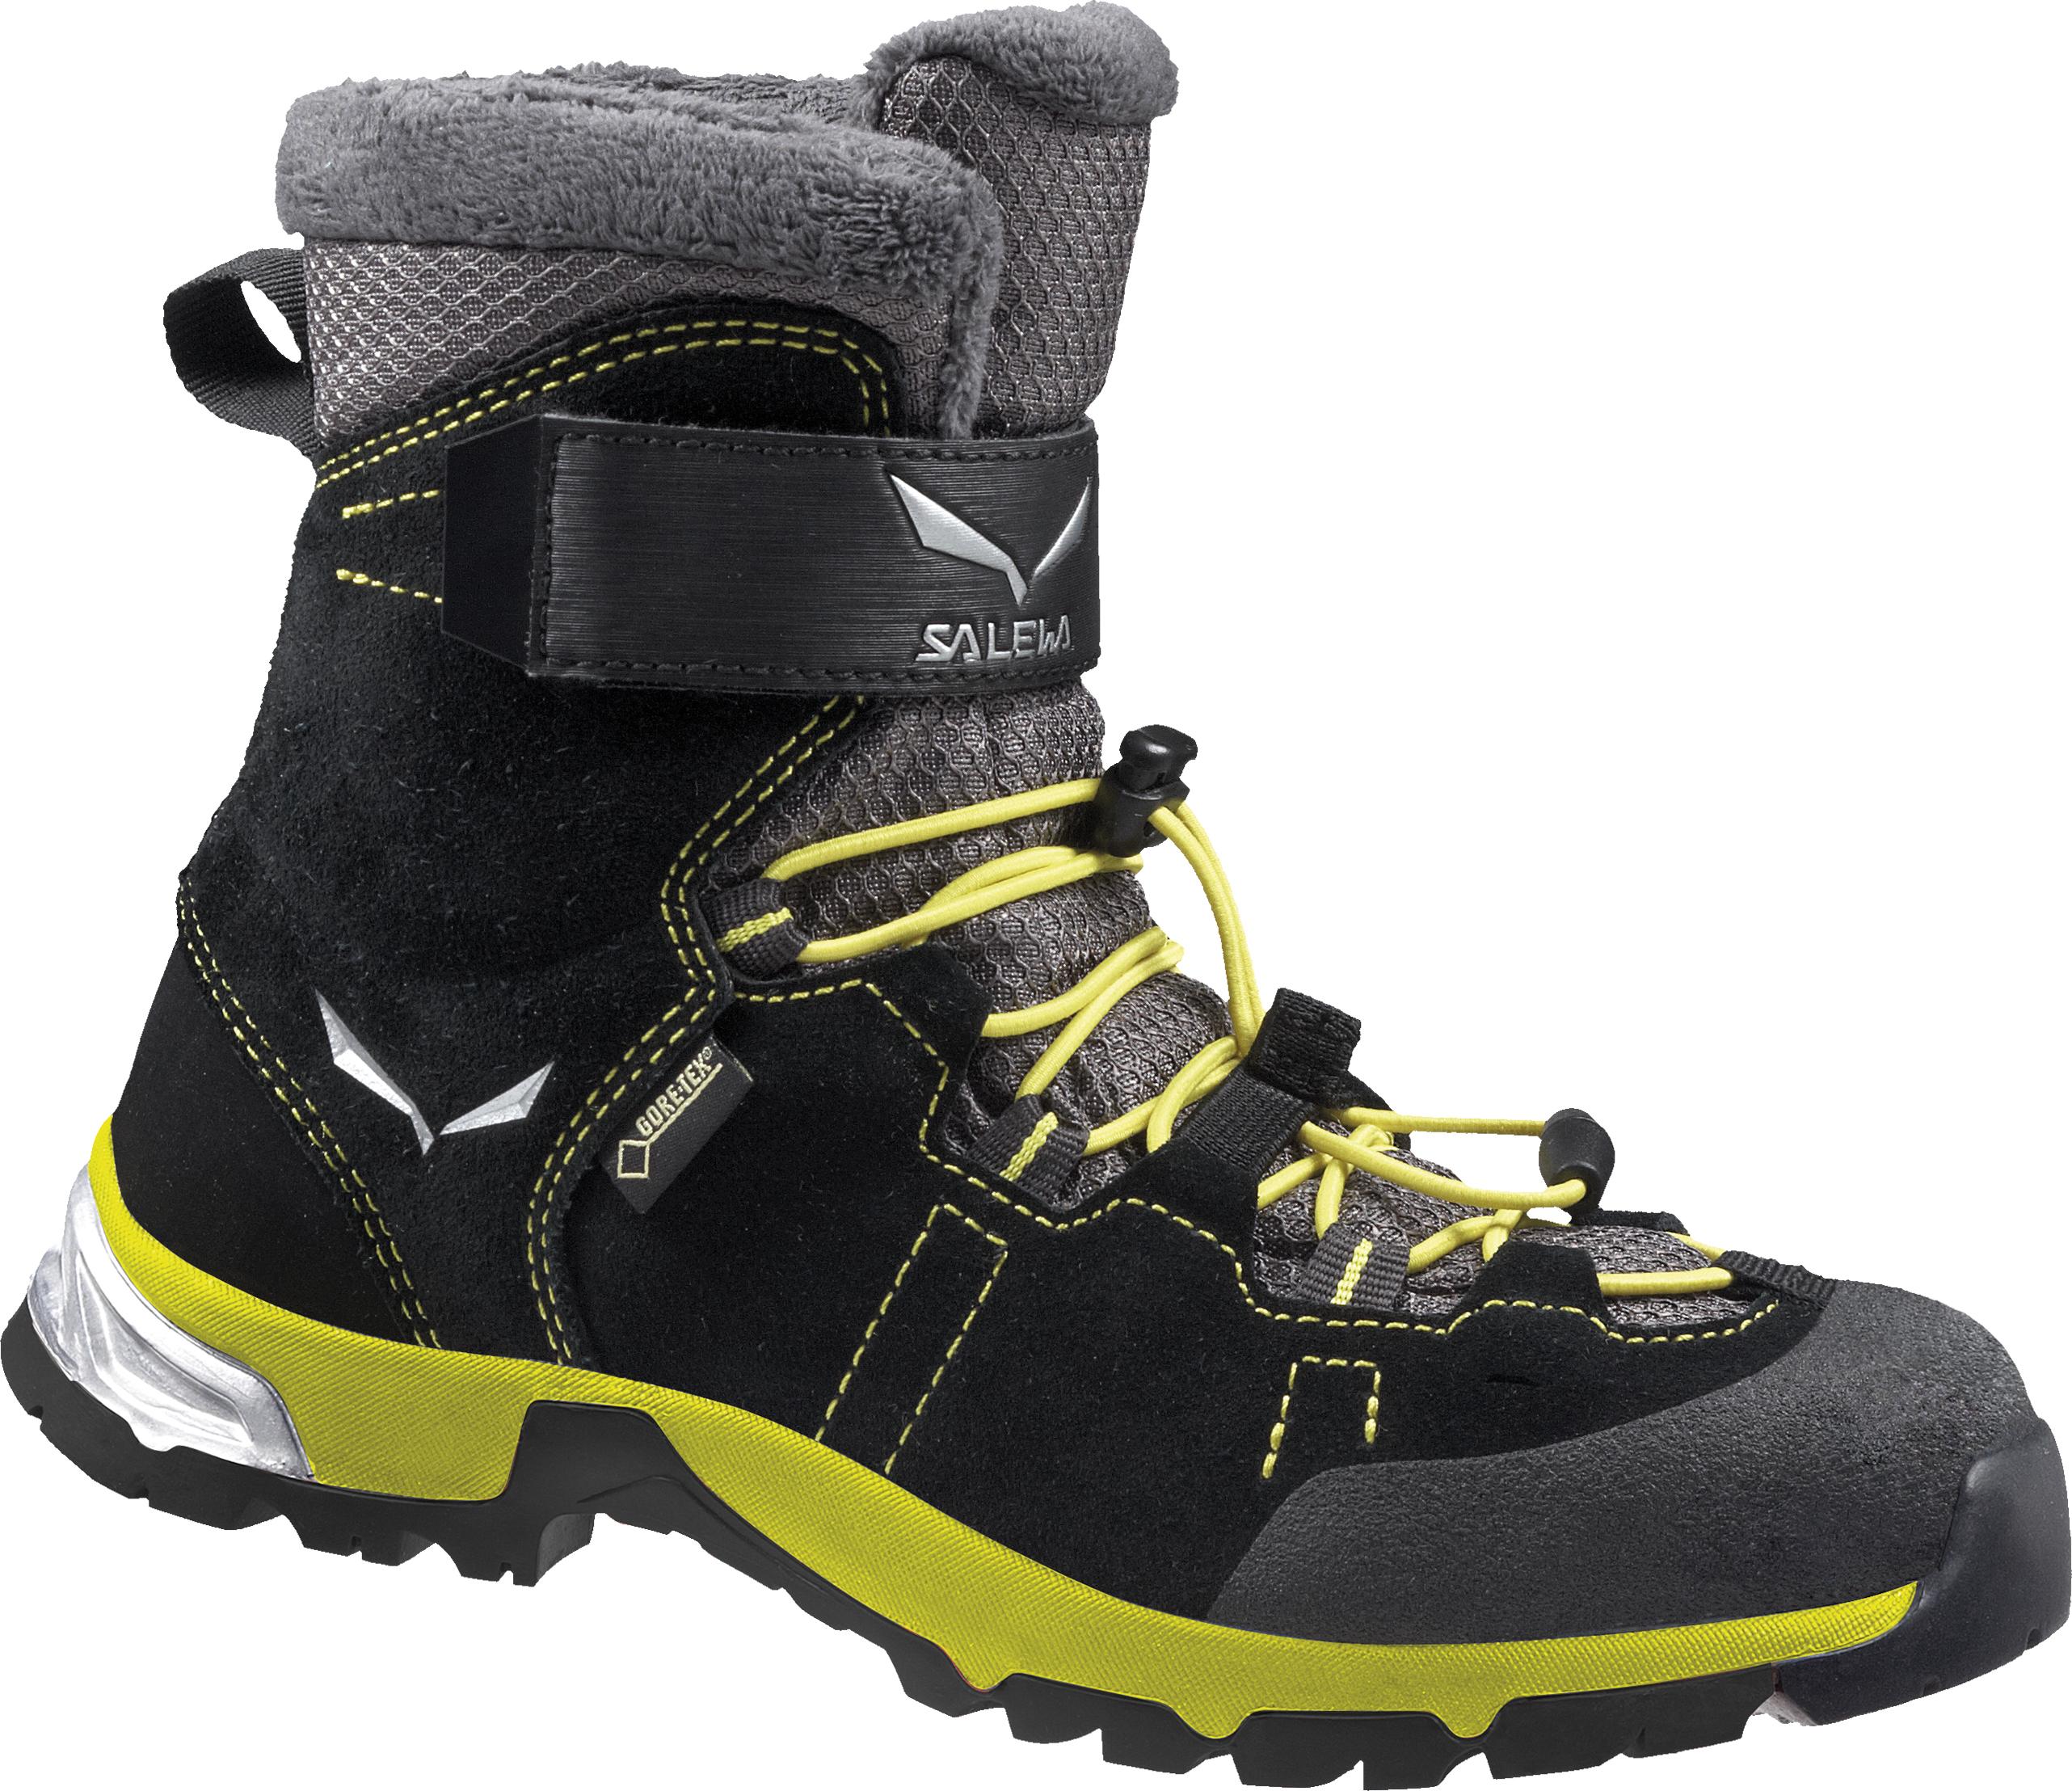 Ботинки городские (высокие) Salewa 2017-18 JR SNOWCAP GTX Black/Yellow, Ботинки - арт. 1004130177